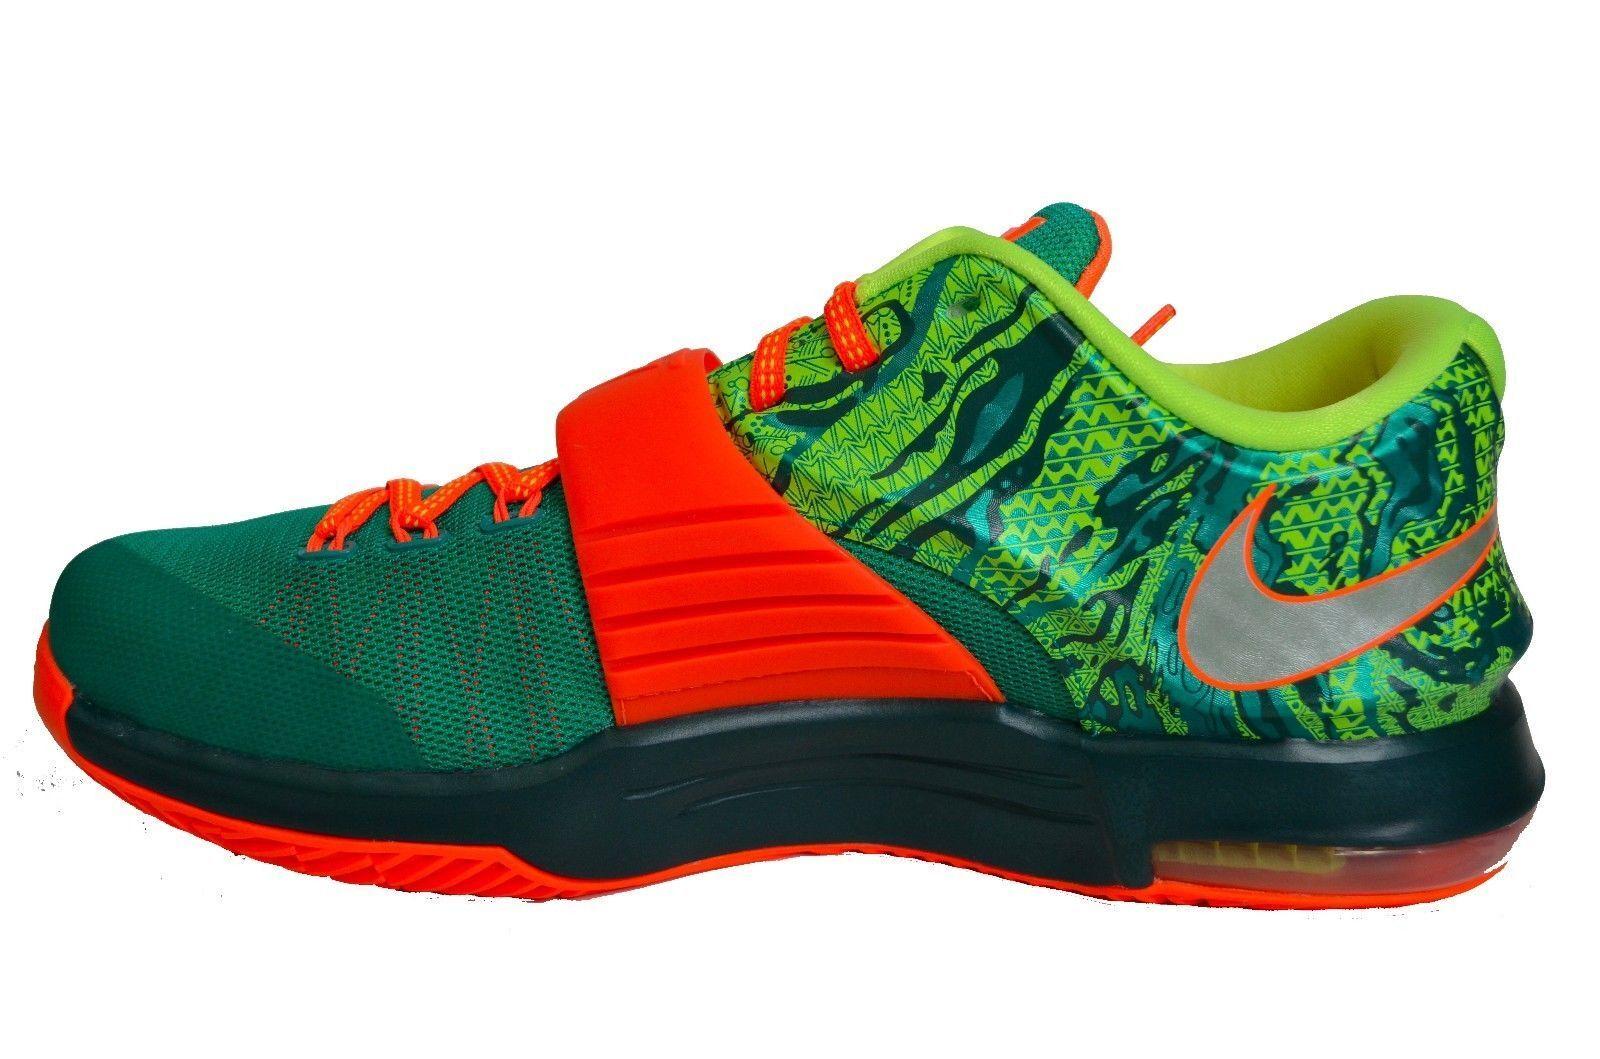 New Nike Men's KD Vll Elite Basketball Shoe Green/Silver 653996-303 ***